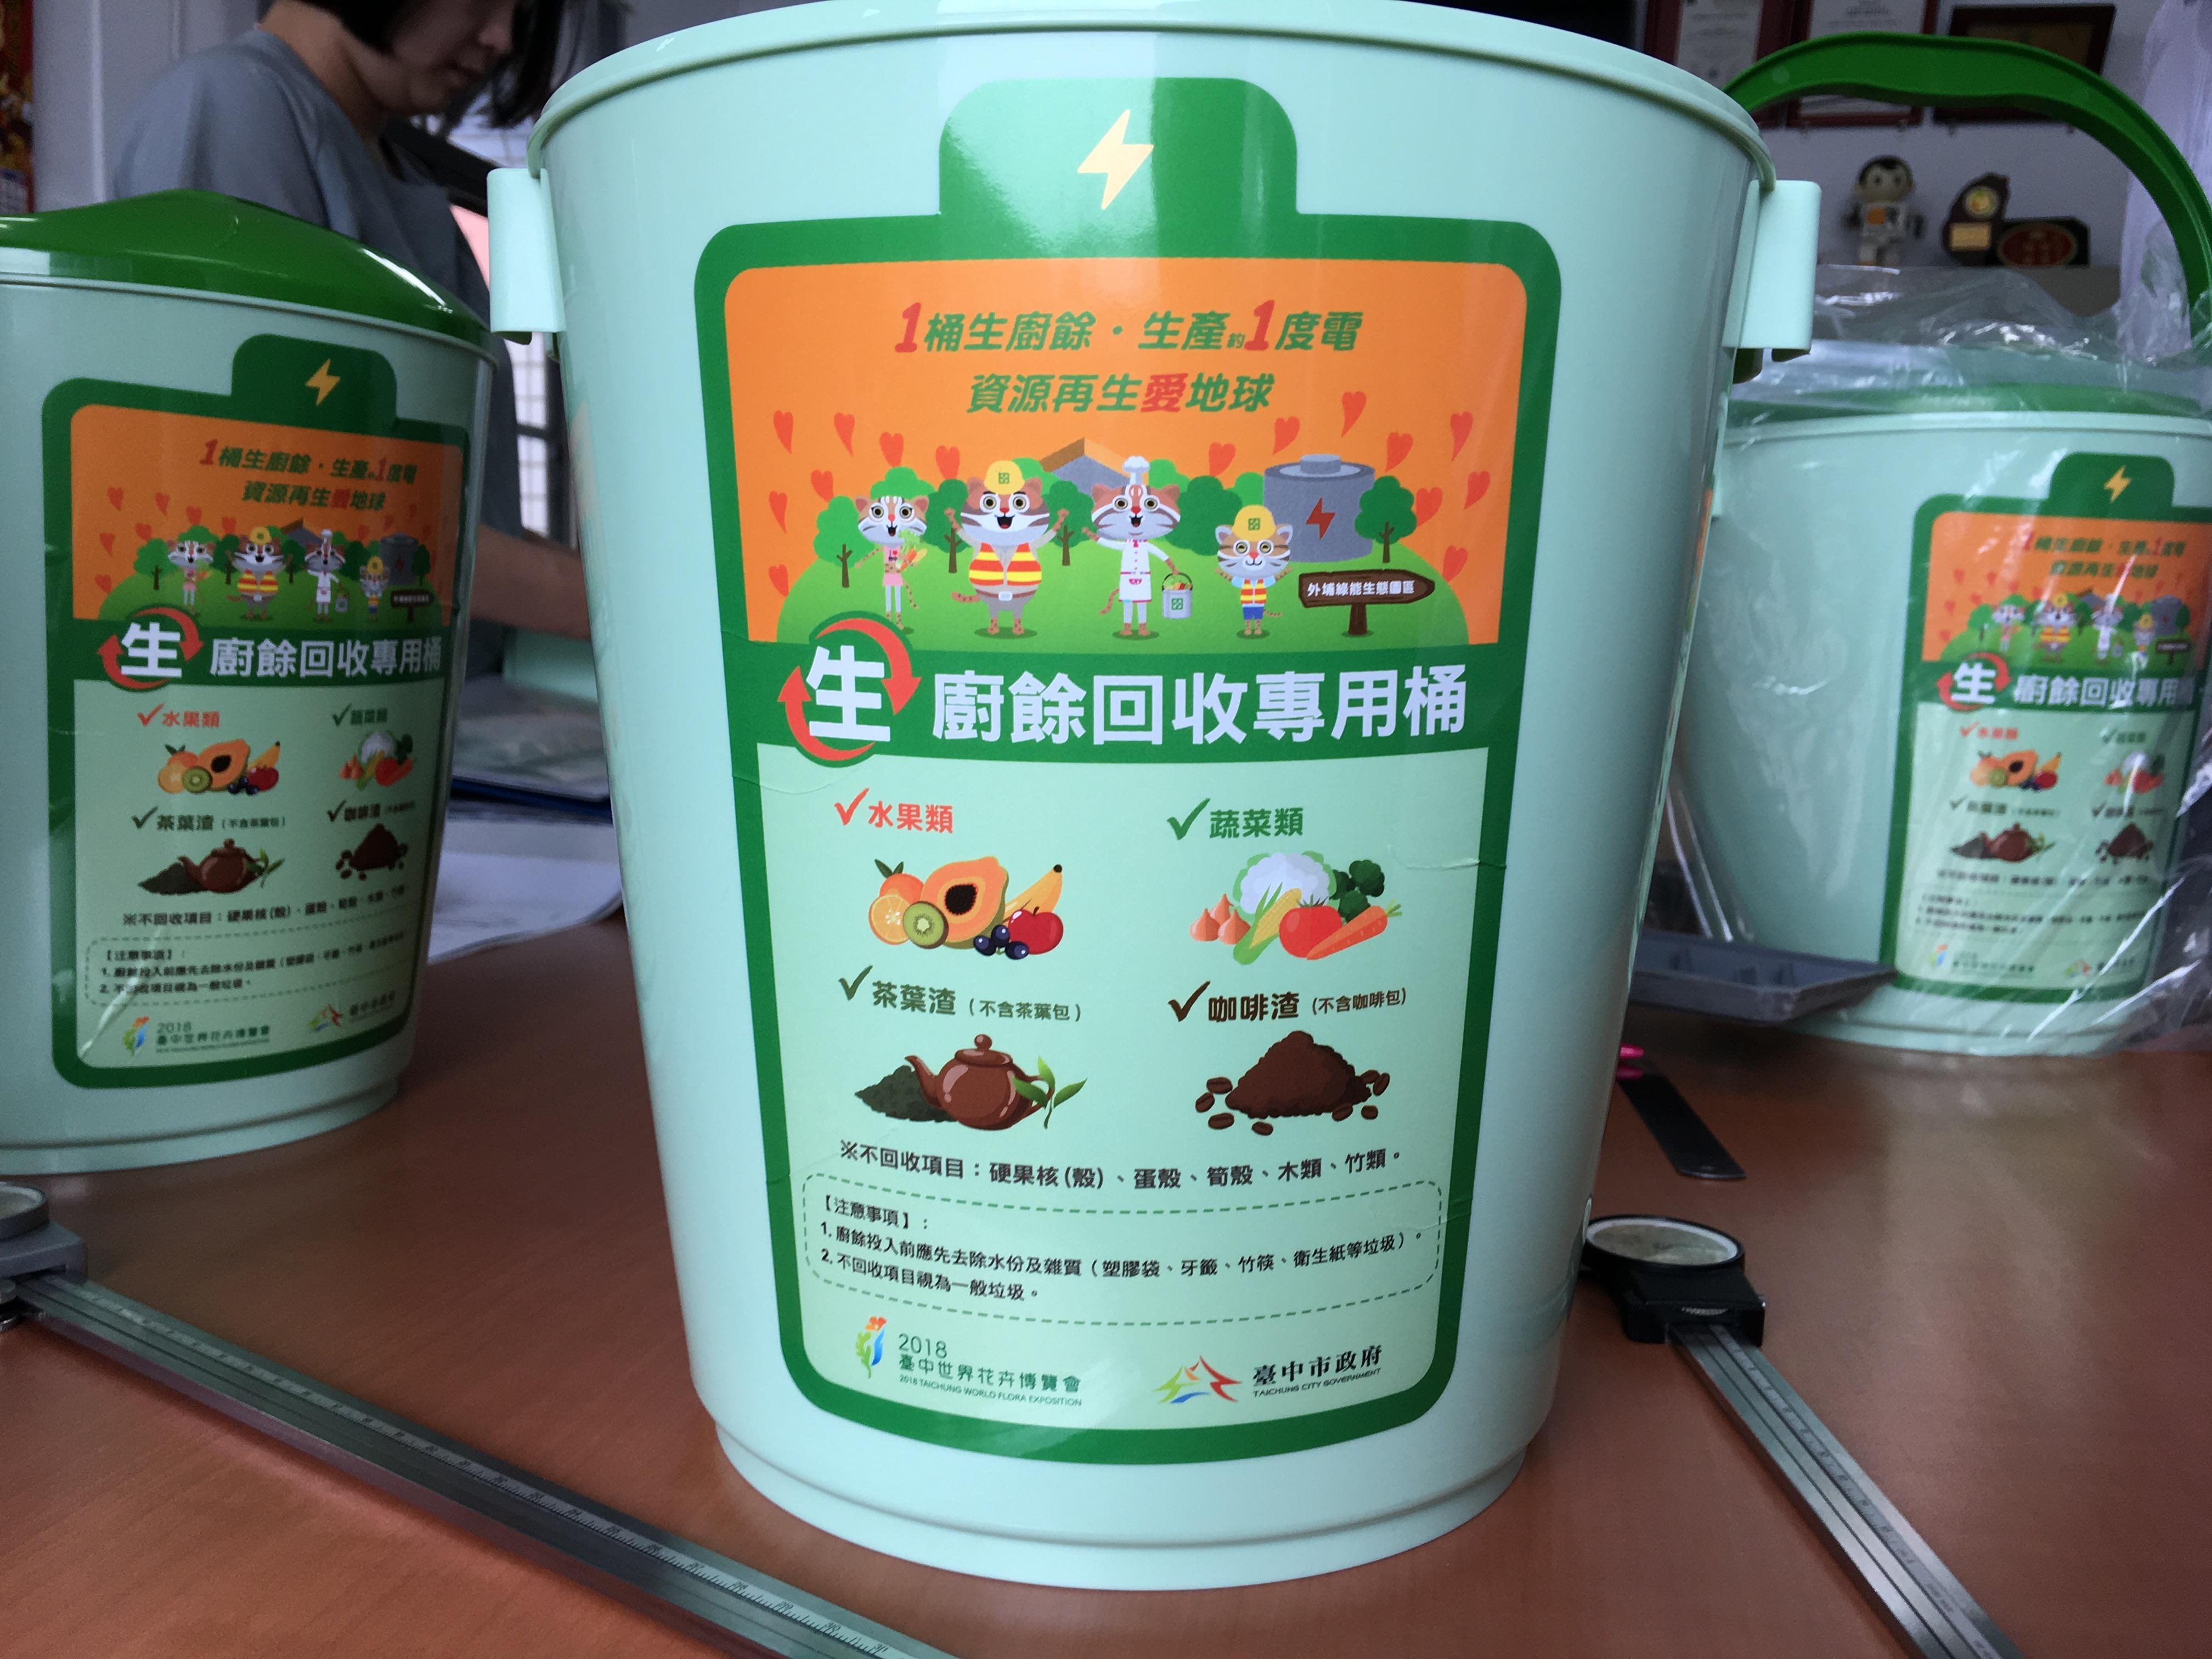 一桶廚餘一度電 中市府將免費發送「綠圓寶」生廚餘回收桶